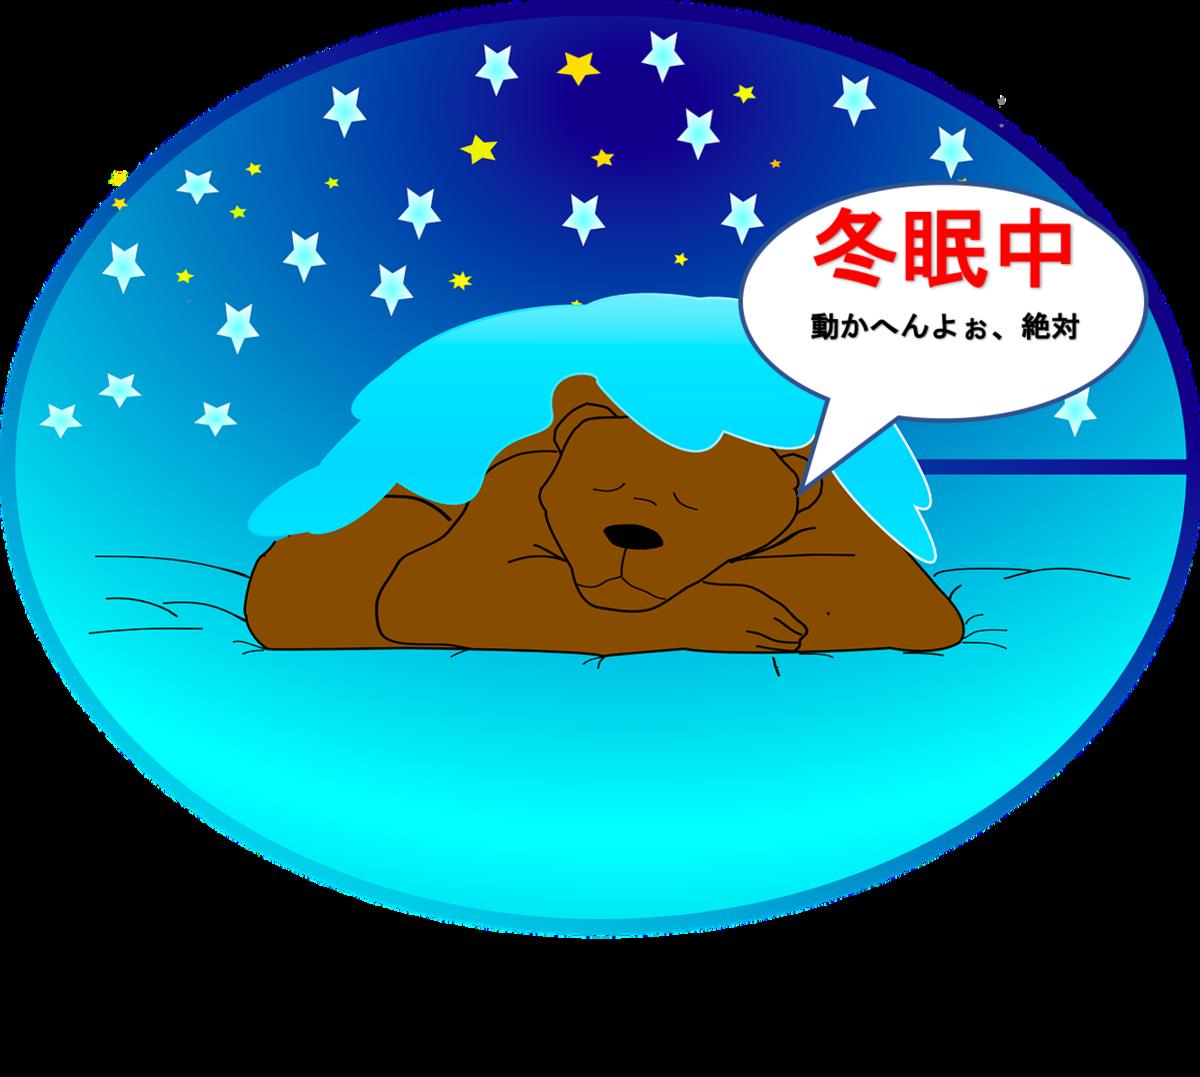 f:id:yurute:20200221125558p:plain